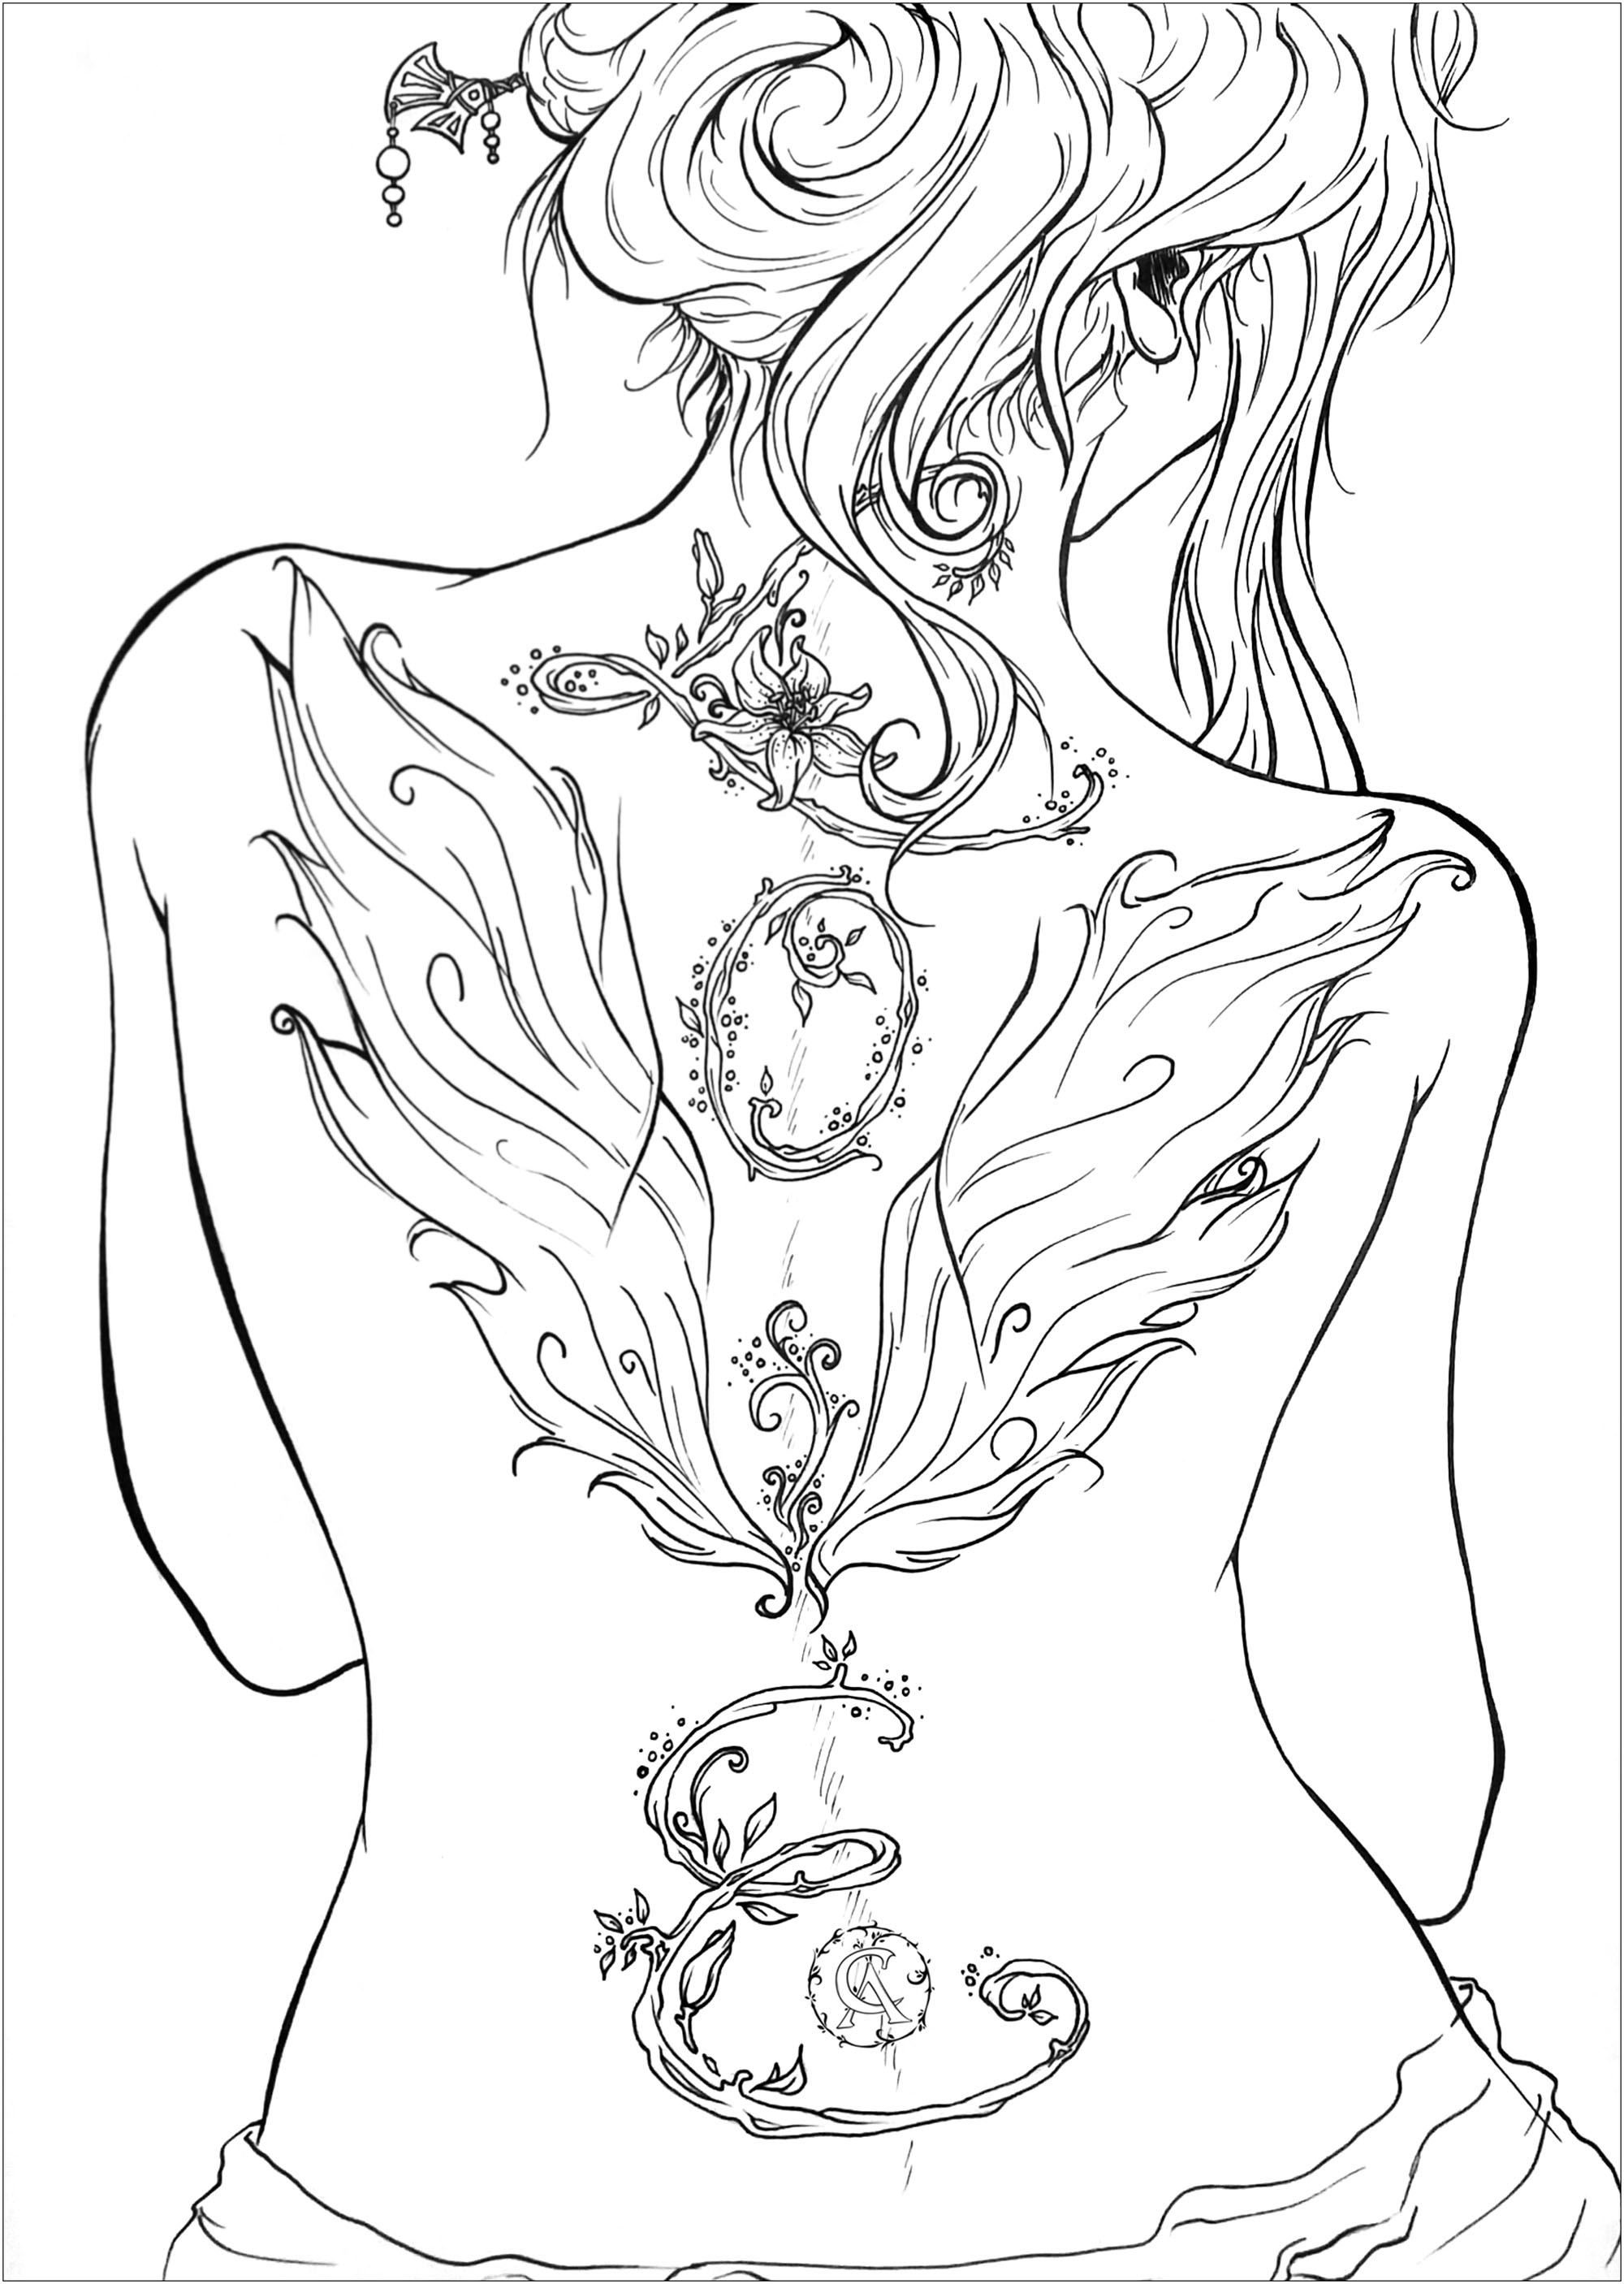 L'amour donne des ailes ! Femme de dos au tatouage stylisé